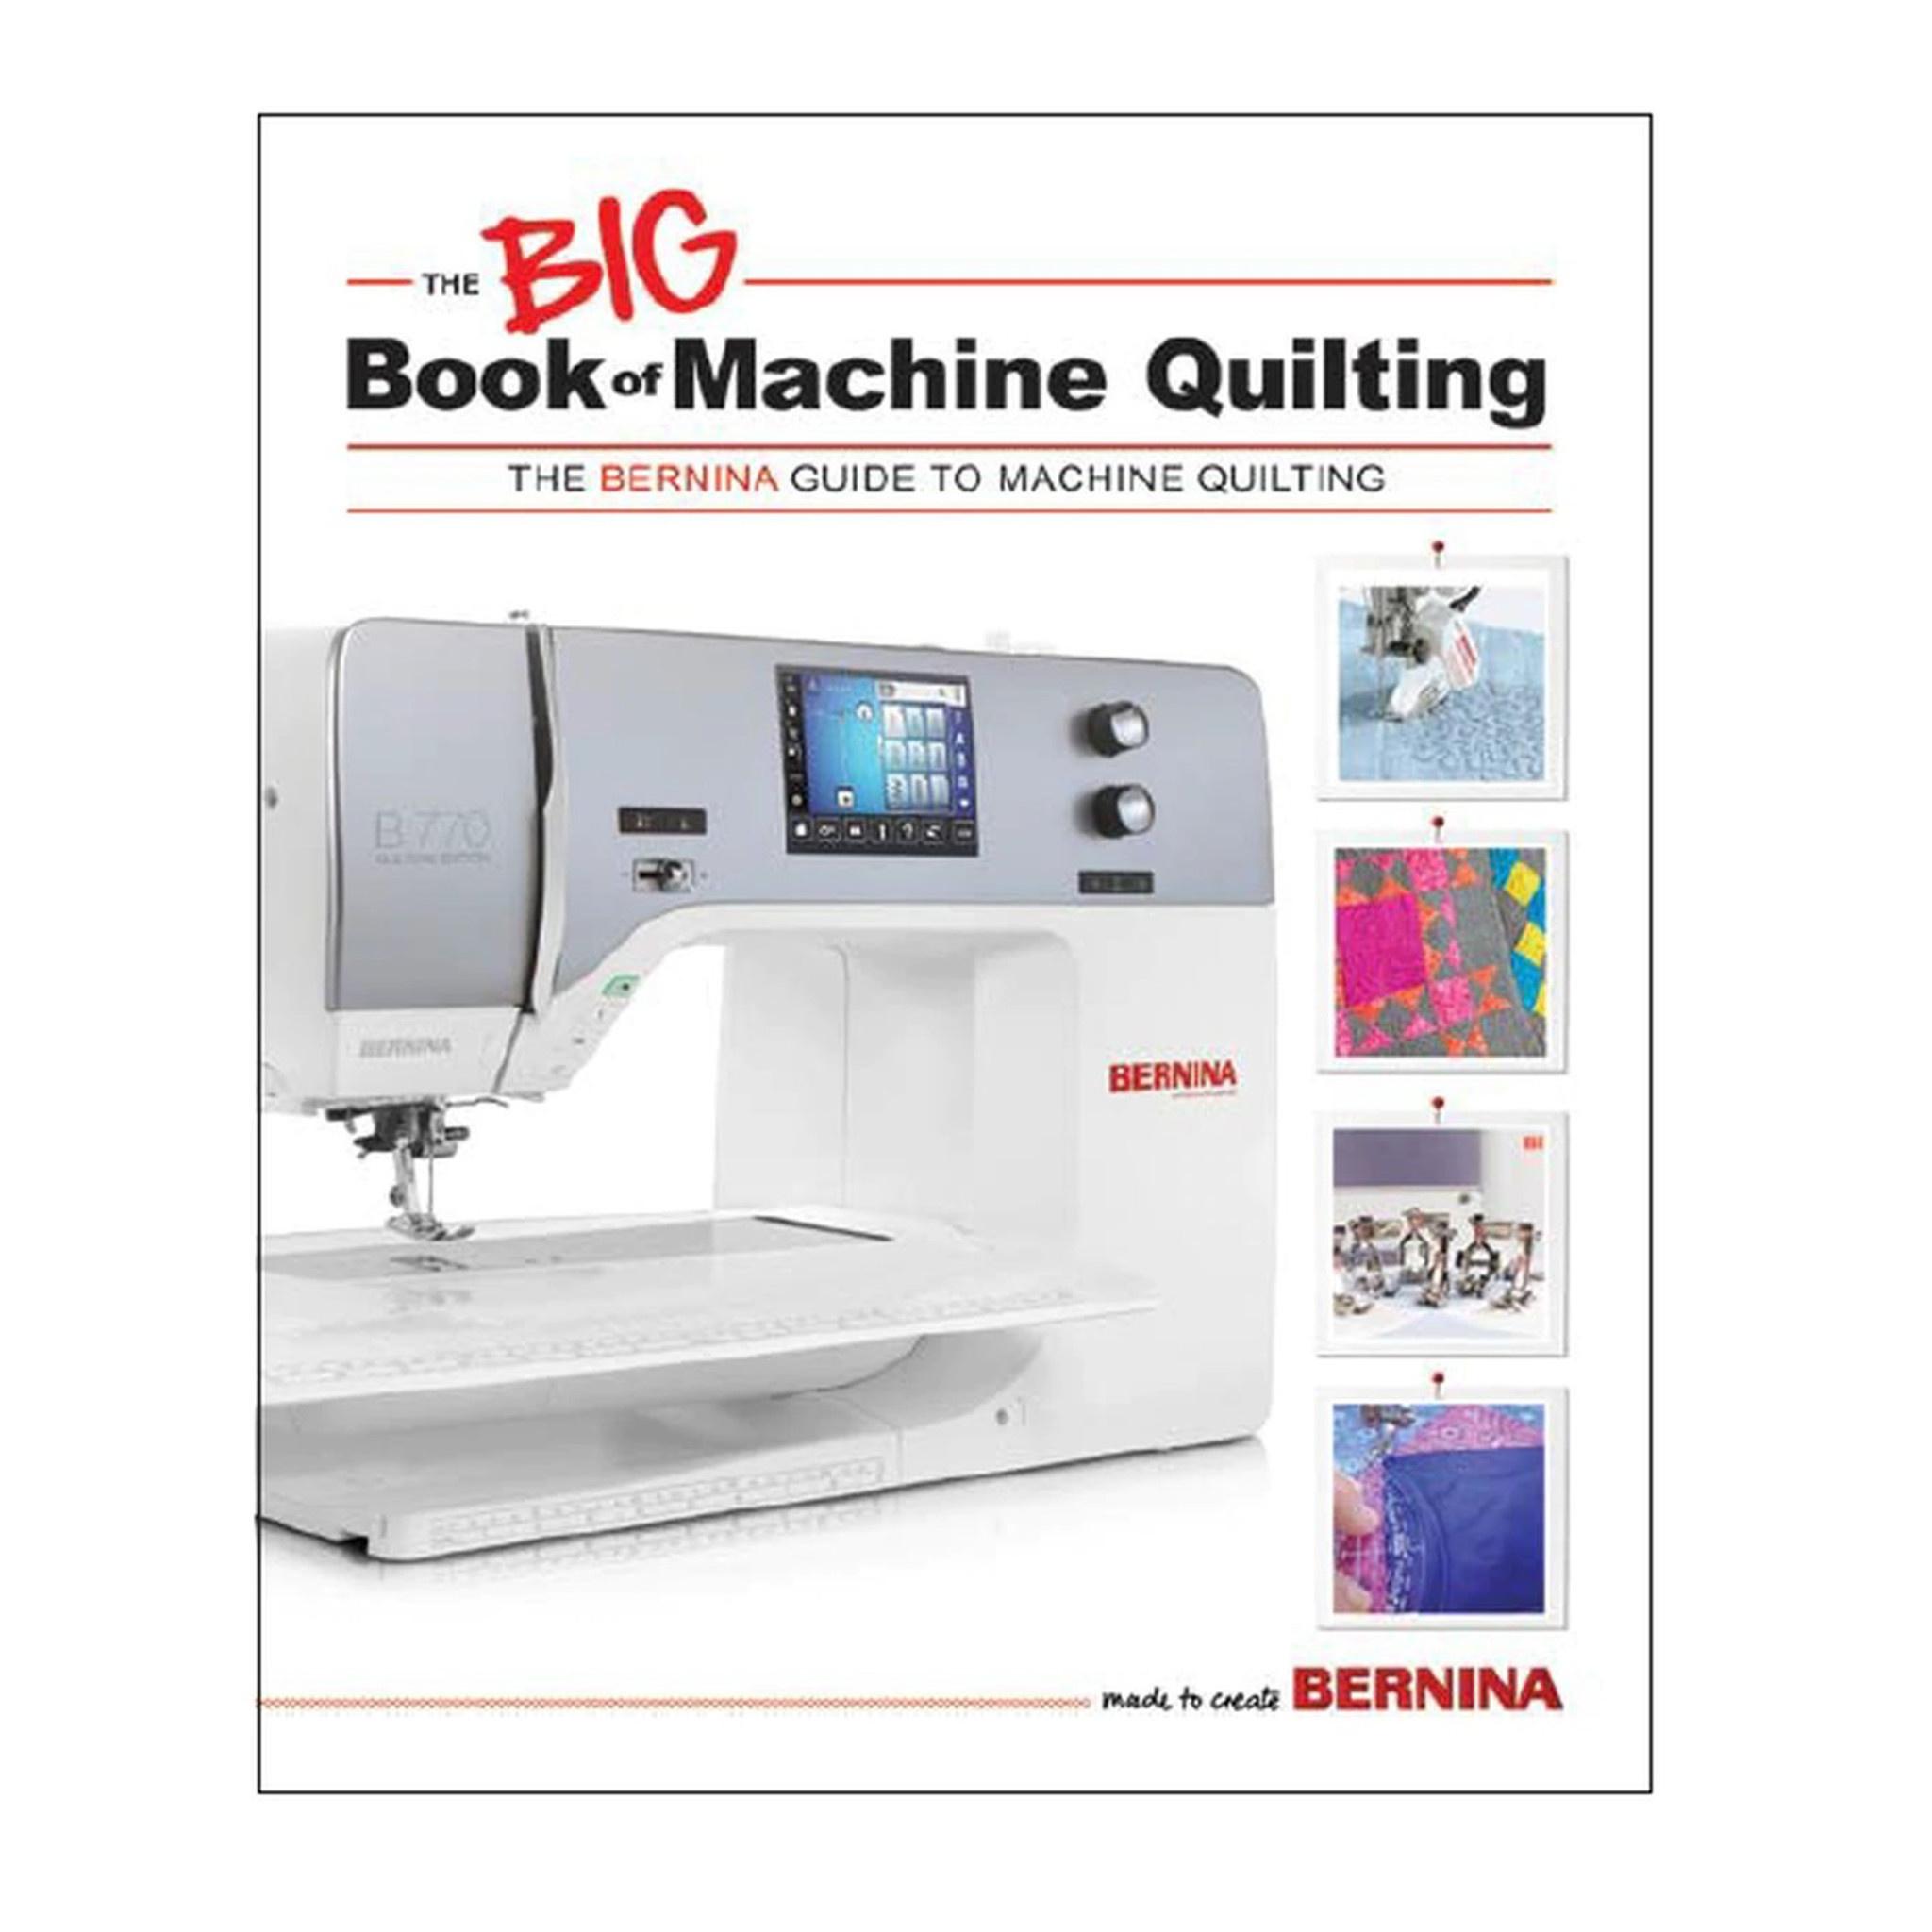 BERNINA Bernina Big Book of Machine Quilting